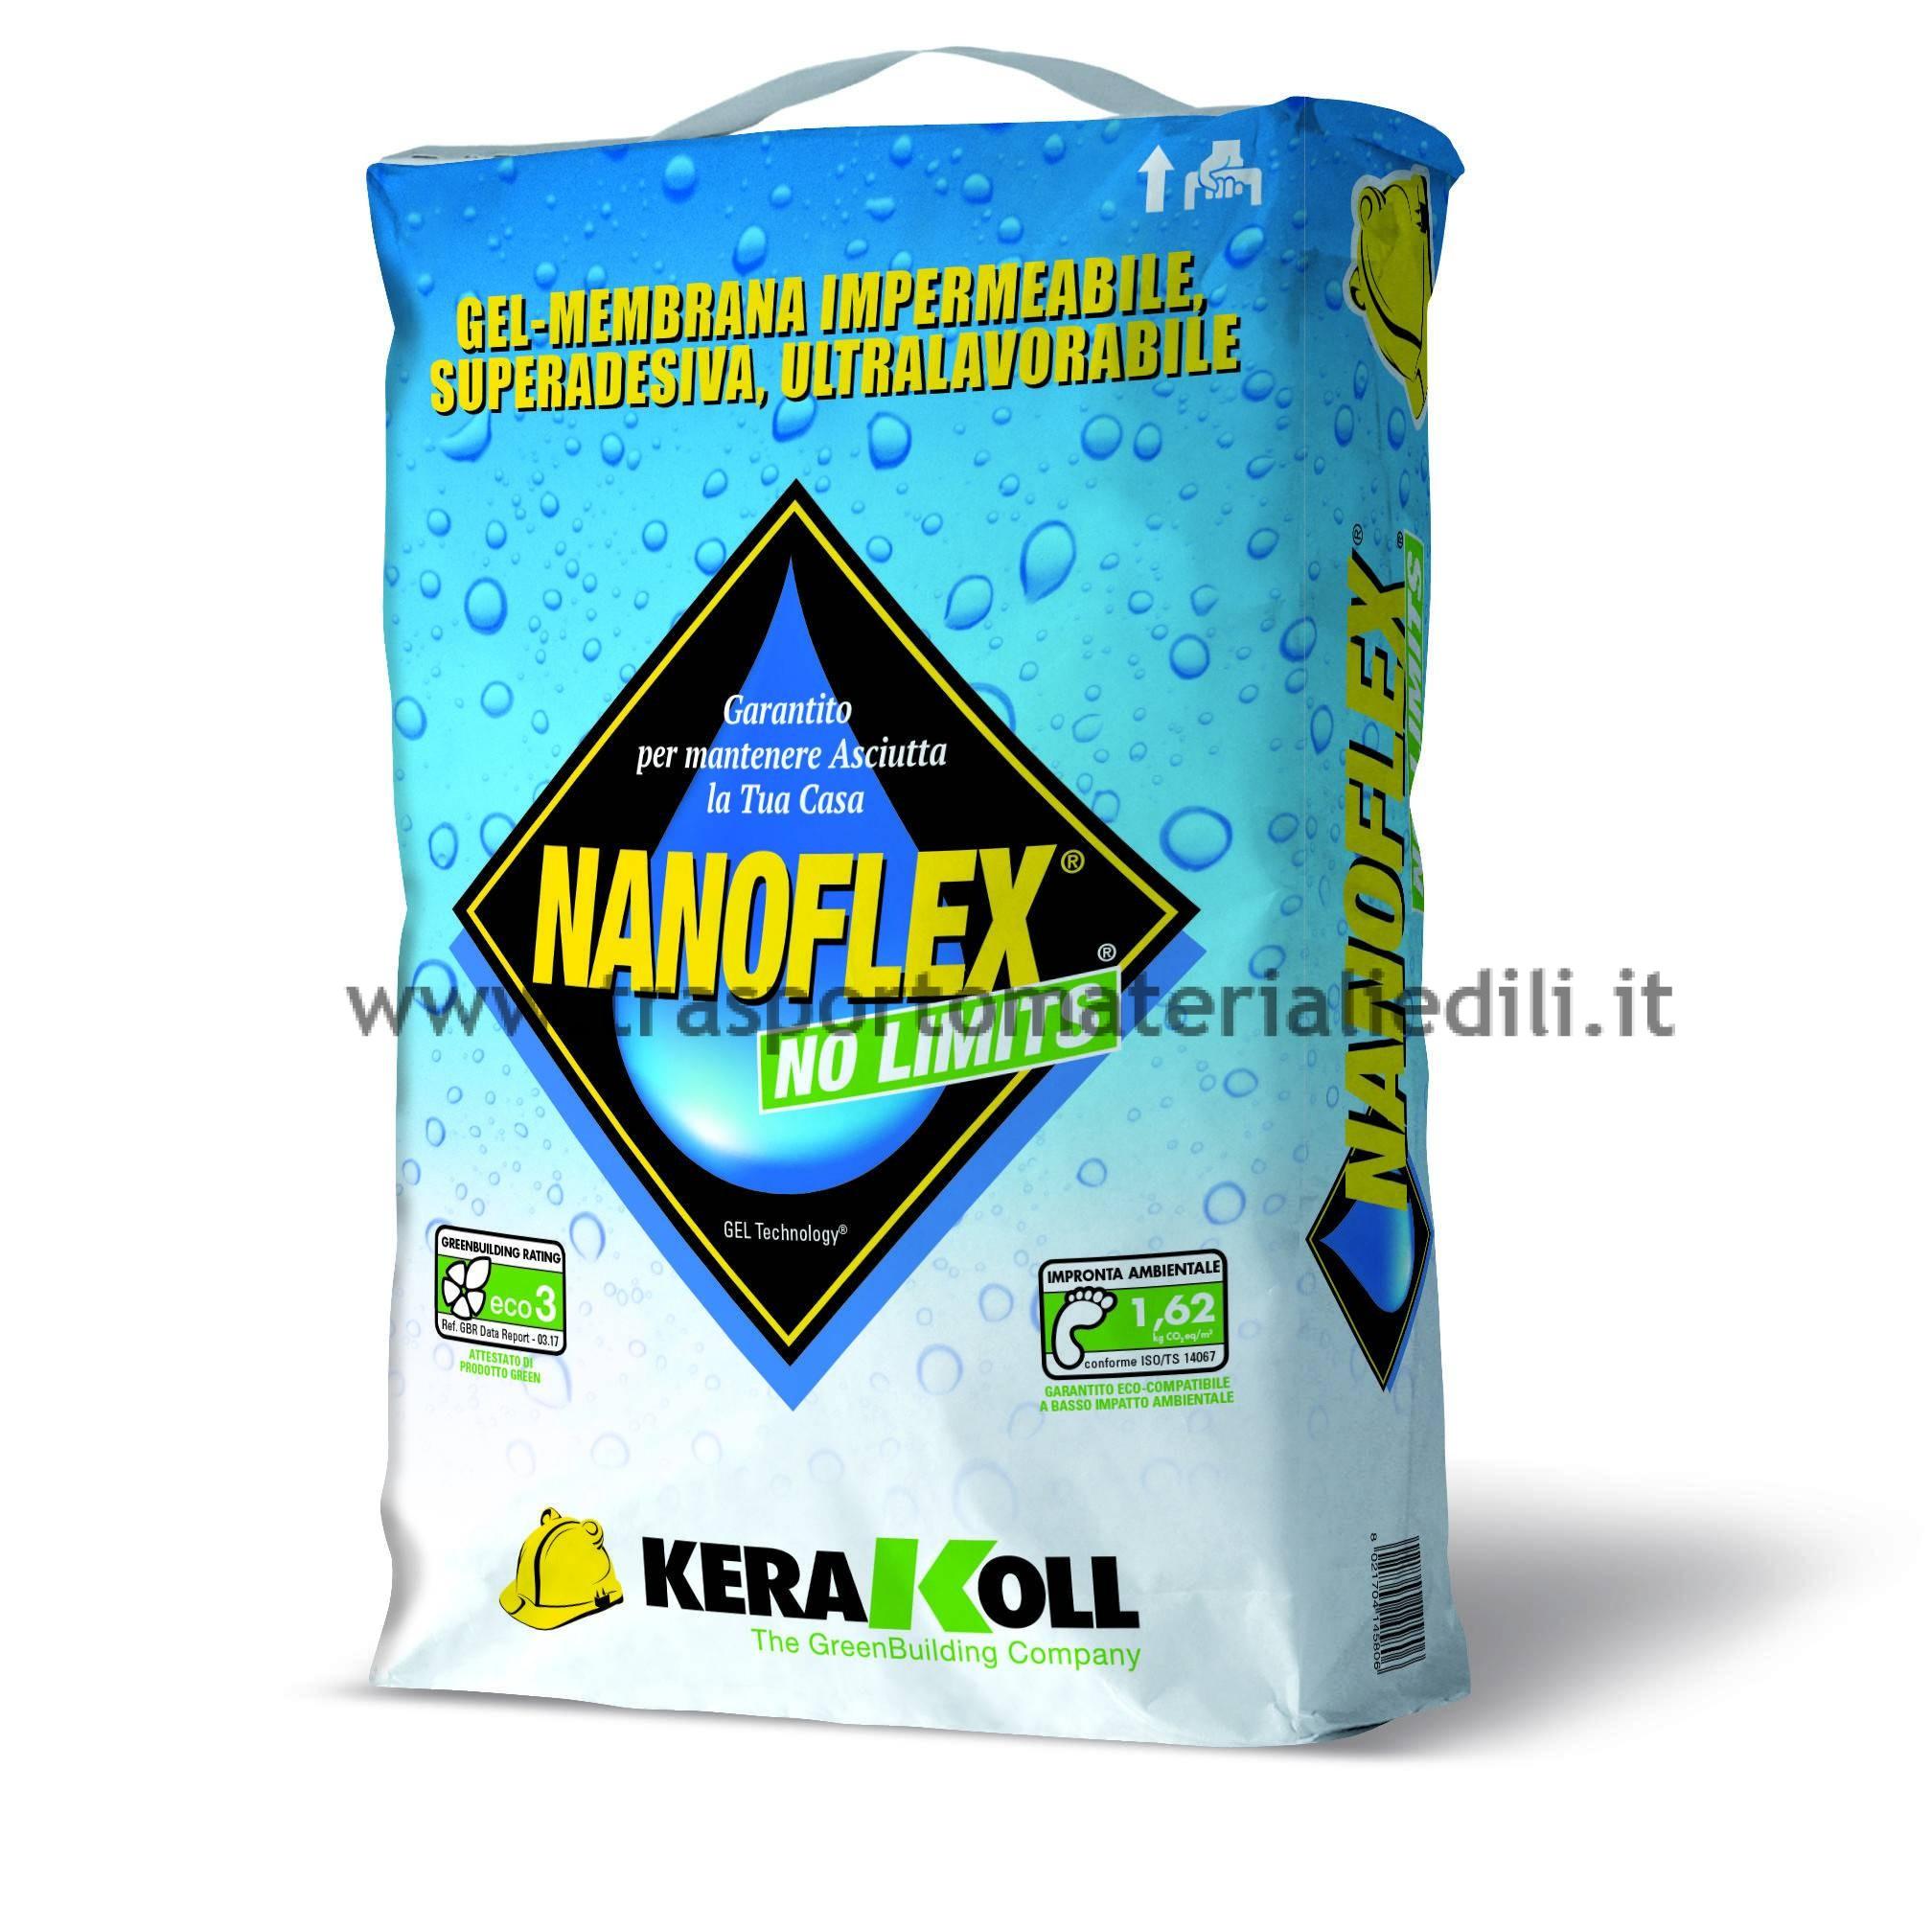 NANOFLEX KG 20 NO LIMITS KERAKOLL - Trasporto Materiali edili